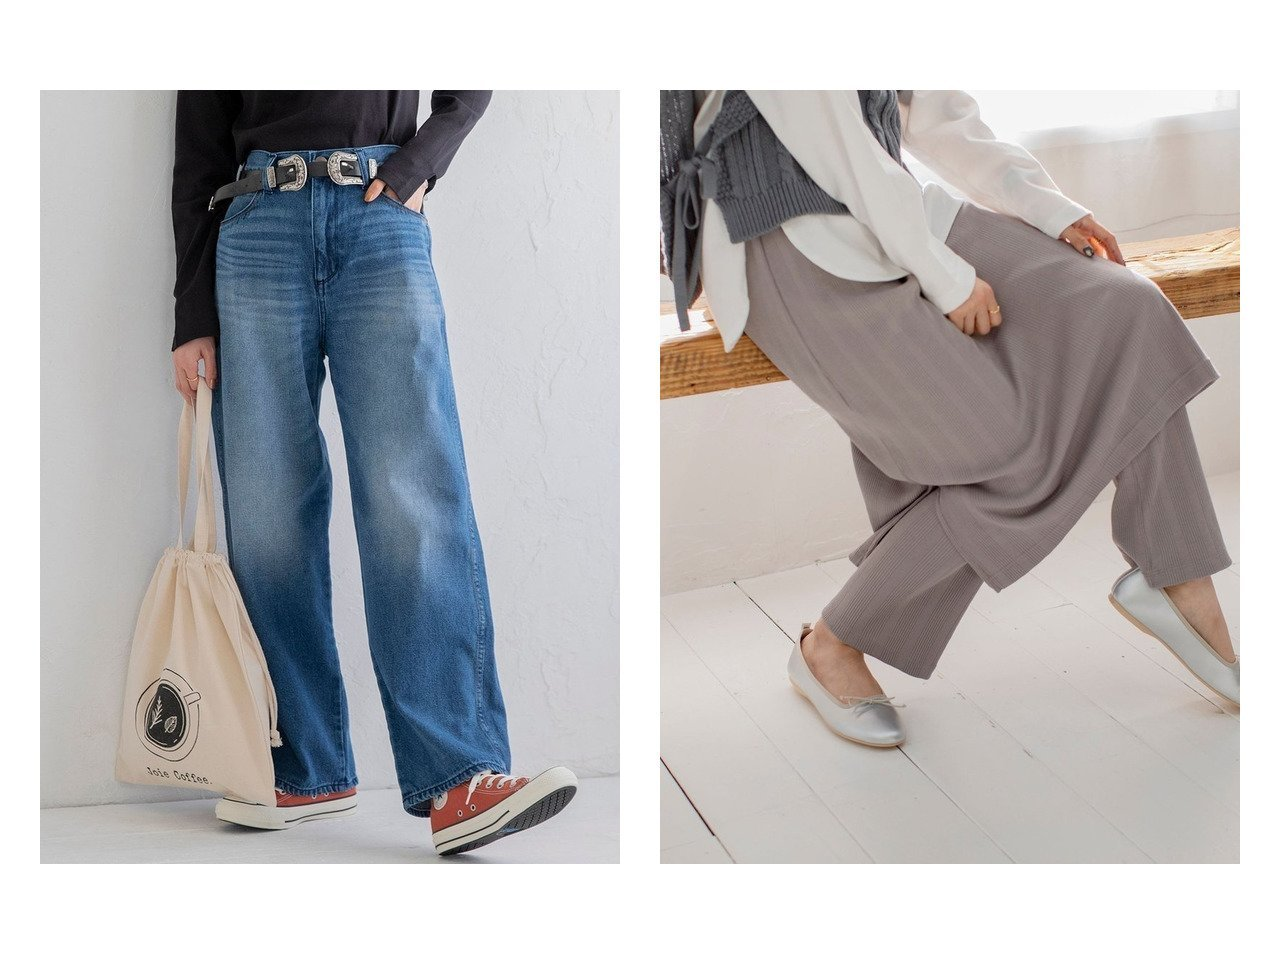 【COEN/コーエン】のワイドストレートデニムパンツ(ワイドパンツ/ストレートパンツ/ジーンズ)&レギンスレイヤードリブスカート(リブパンツ/ドッキング/レギスカ) パンツのおすすめ!人気、トレンド・レディースファッションの通販 おすすめで人気の流行・トレンド、ファッションの通販商品 メンズファッション・キッズファッション・インテリア・家具・レディースファッション・服の通販 founy(ファニー) https://founy.com/ ファッション Fashion レディースファッション WOMEN パンツ Pants デニムパンツ Denim Pants スカート Skirt プリーツスカート Pleated Skirts レギンス Leggings ジーンズ ストレート デニム フロント ベーシック ポケット ワイド 2021年 2021 S/S 春夏 SS Spring/Summer 2021 春夏 S/S SS Spring/Summer 2021 ギャザー スリット ドッキング プリーツ ボトム レギンス |ID:crp329100000022449